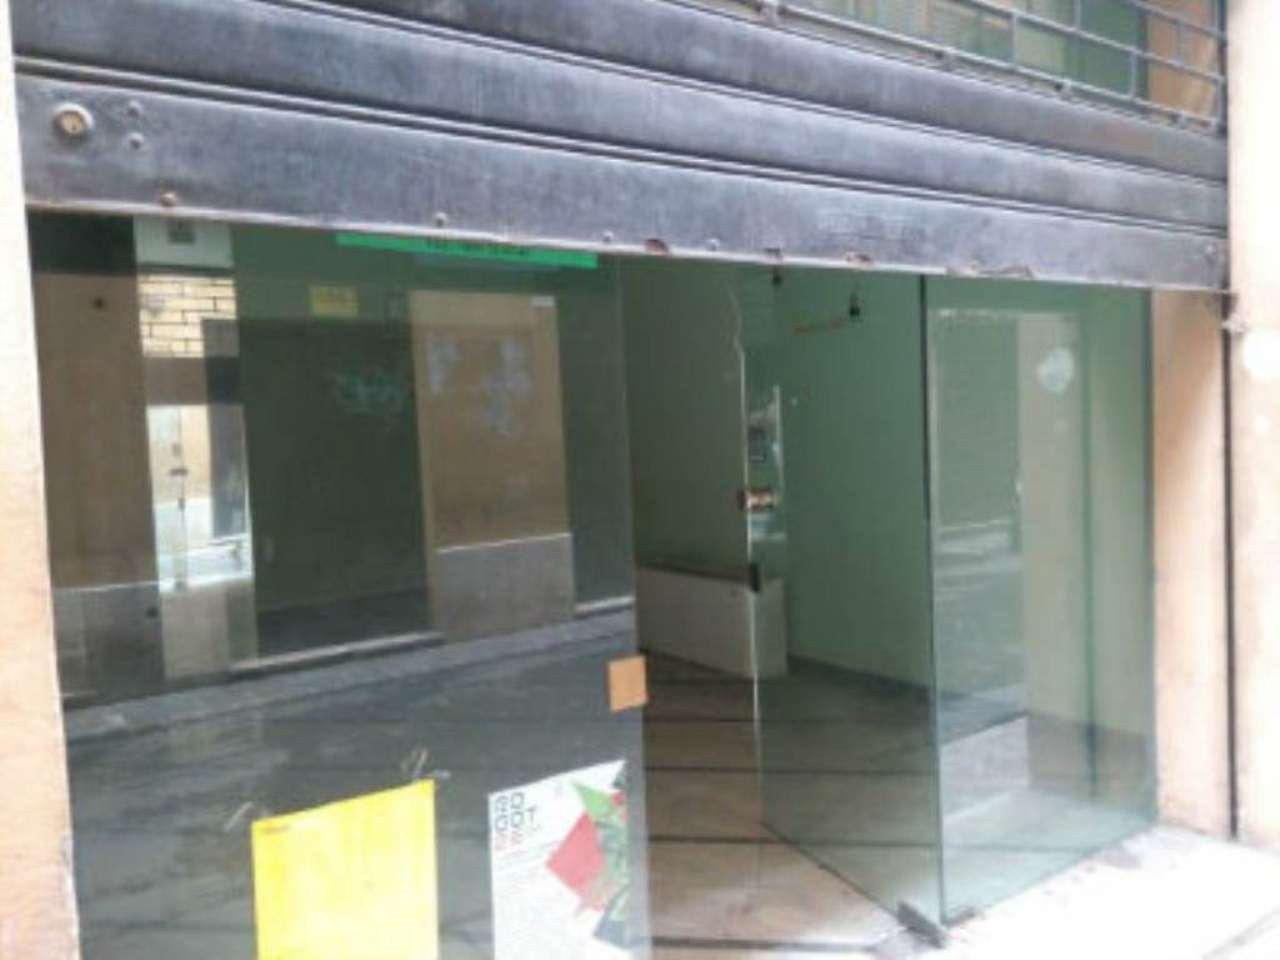 Negozio / Locale in vendita a Modena, 1 locali, prezzo € 120.000 | Cambio Casa.it